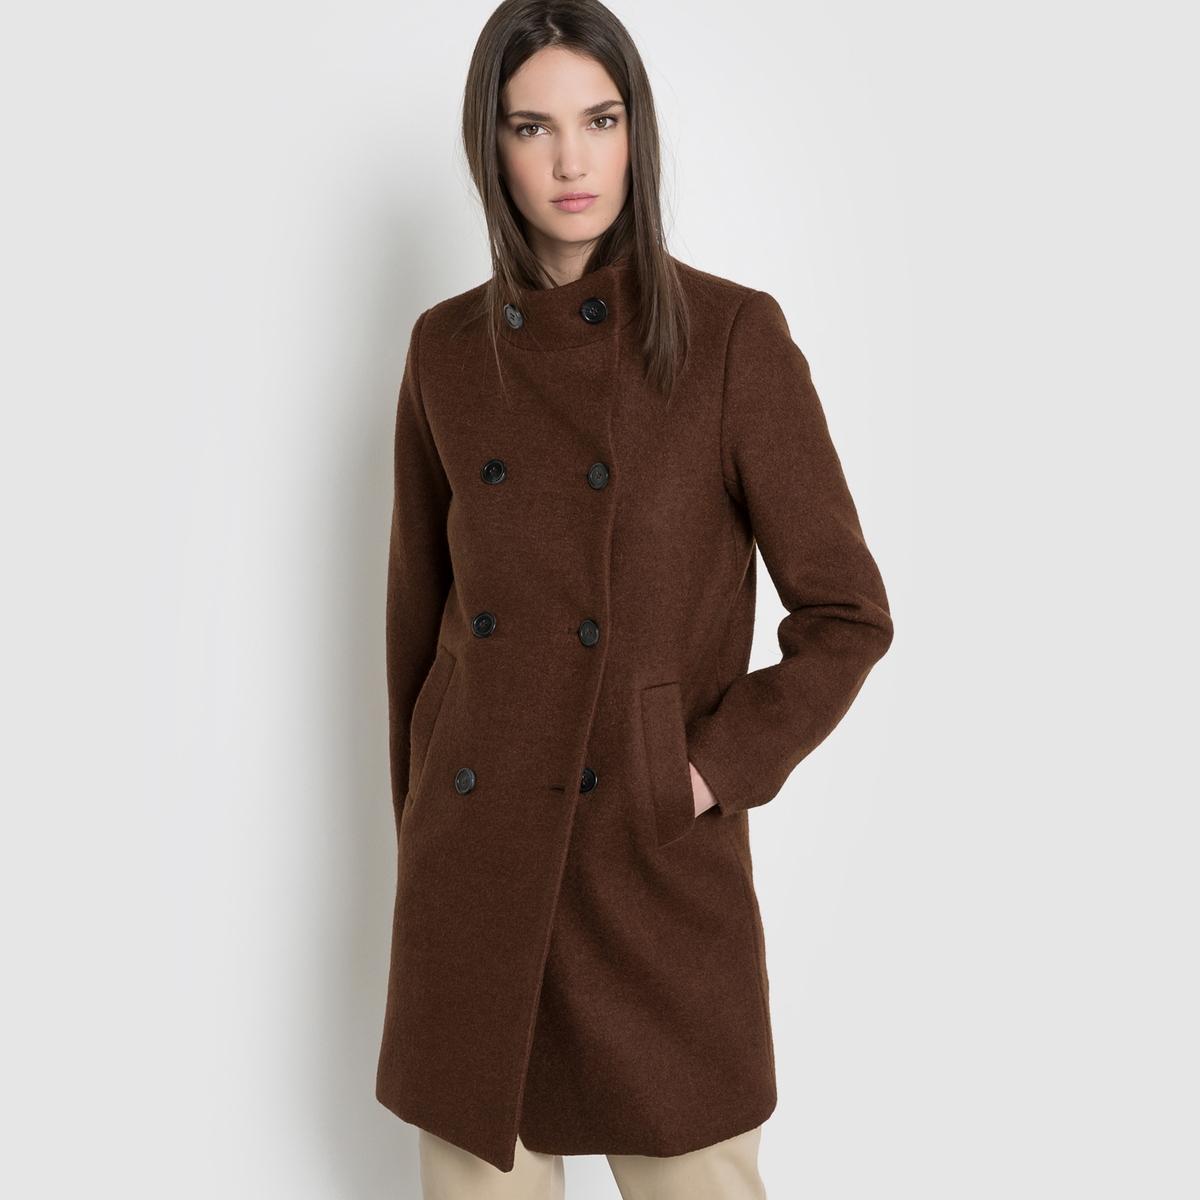 Пальто, 30% шерсти пальто драповое 30% шерсти